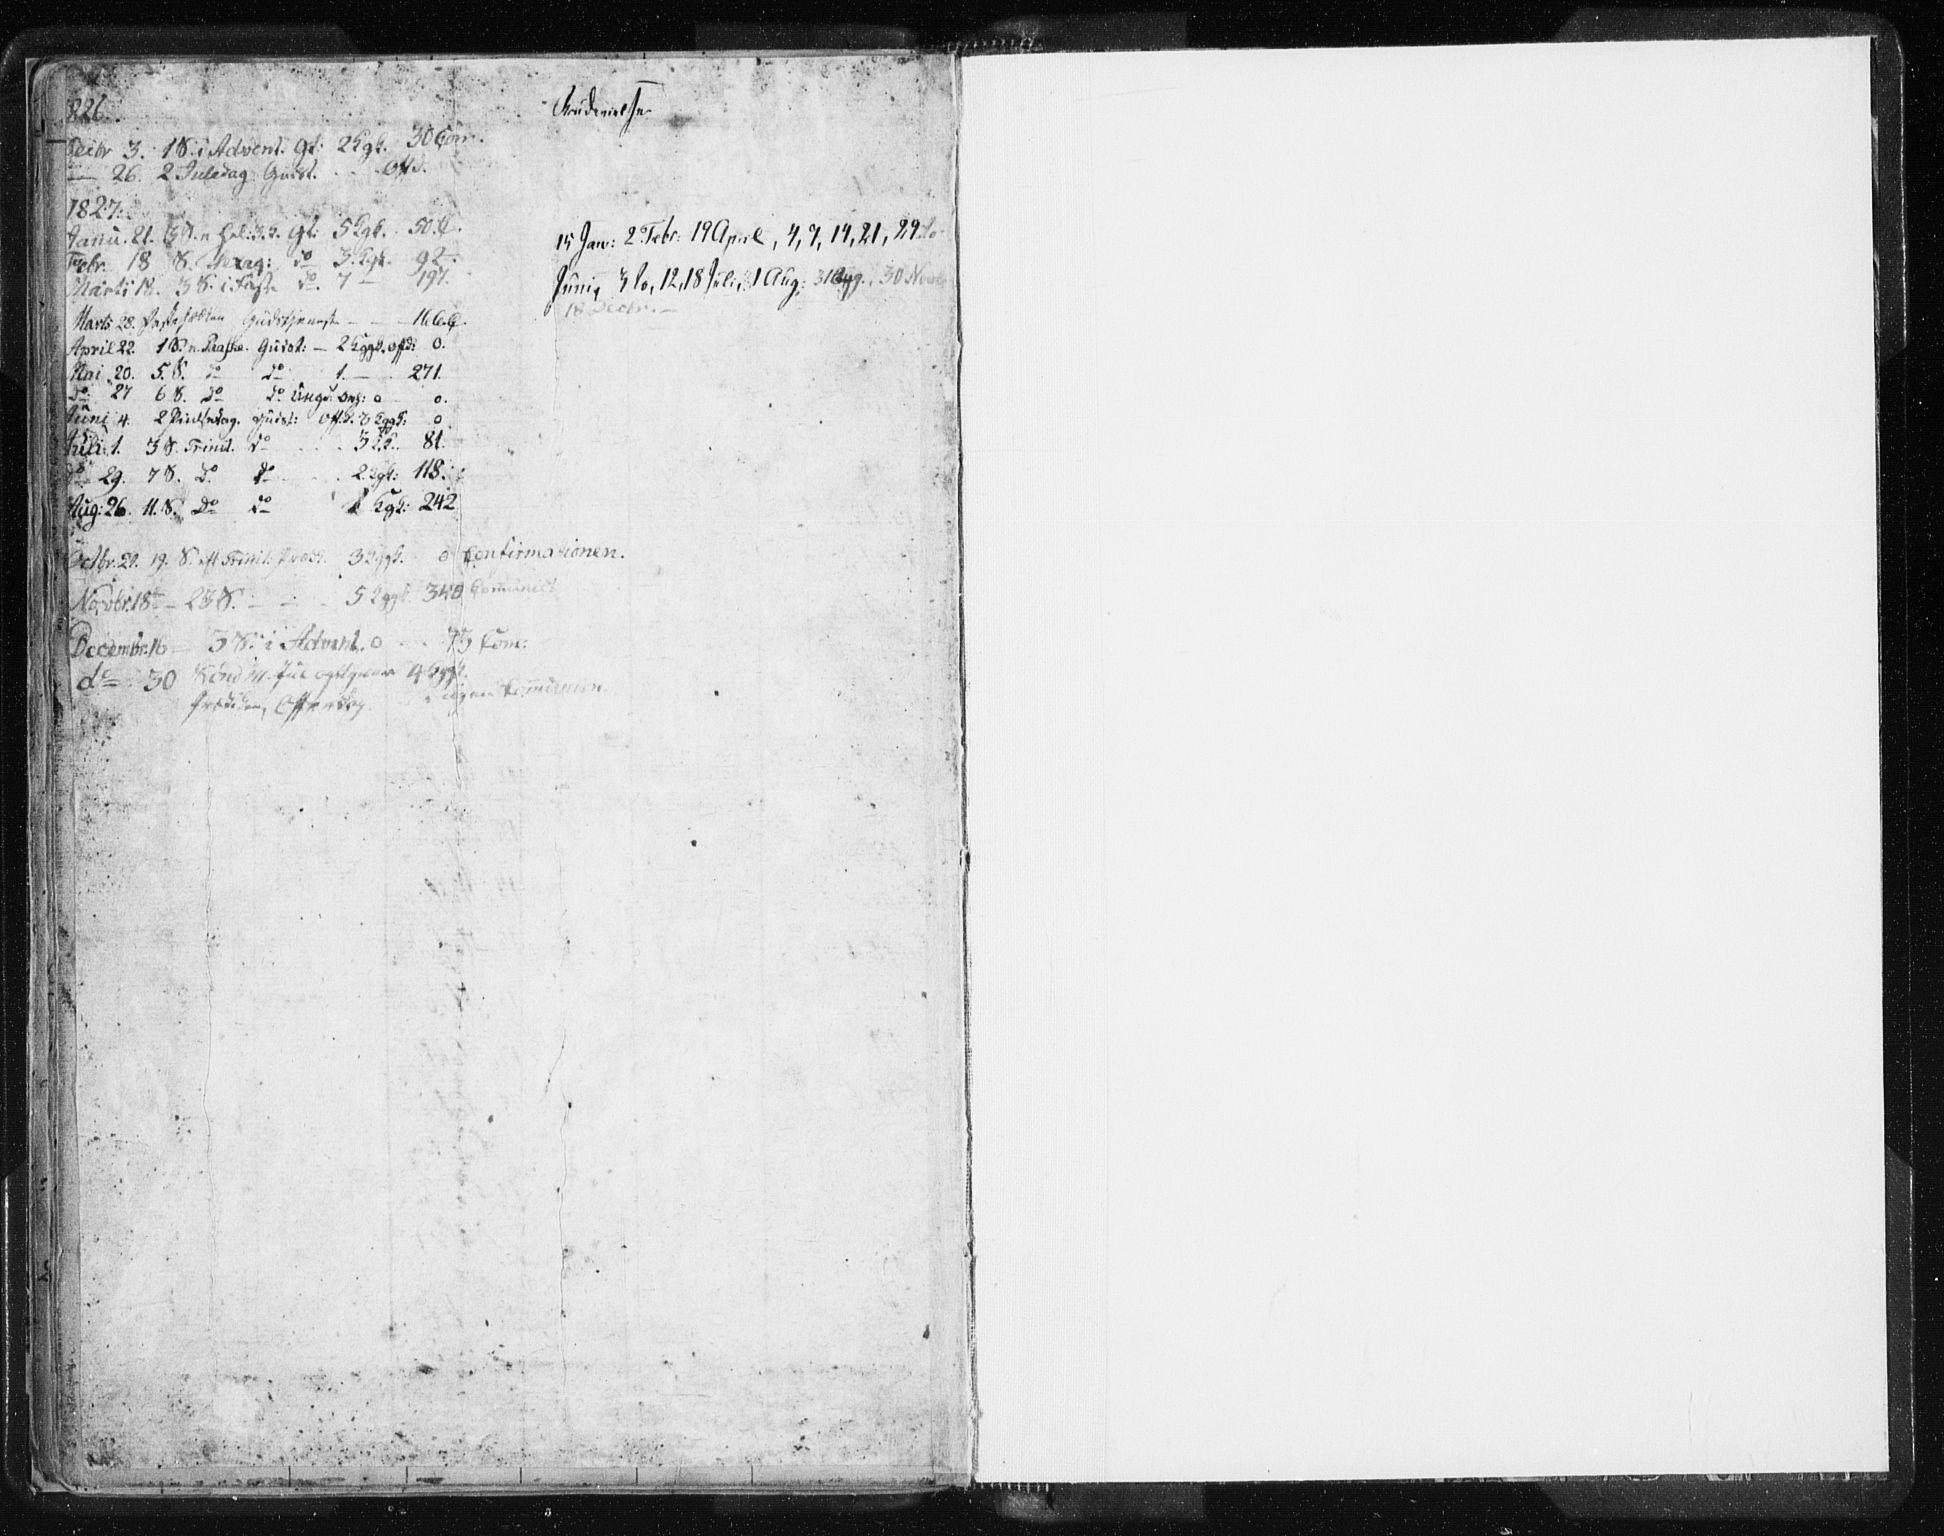 SAT, Ministerialprotokoller, klokkerbøker og fødselsregistre - Sør-Trøndelag, 616/L0404: Ministerialbok nr. 616A01, 1823-1831